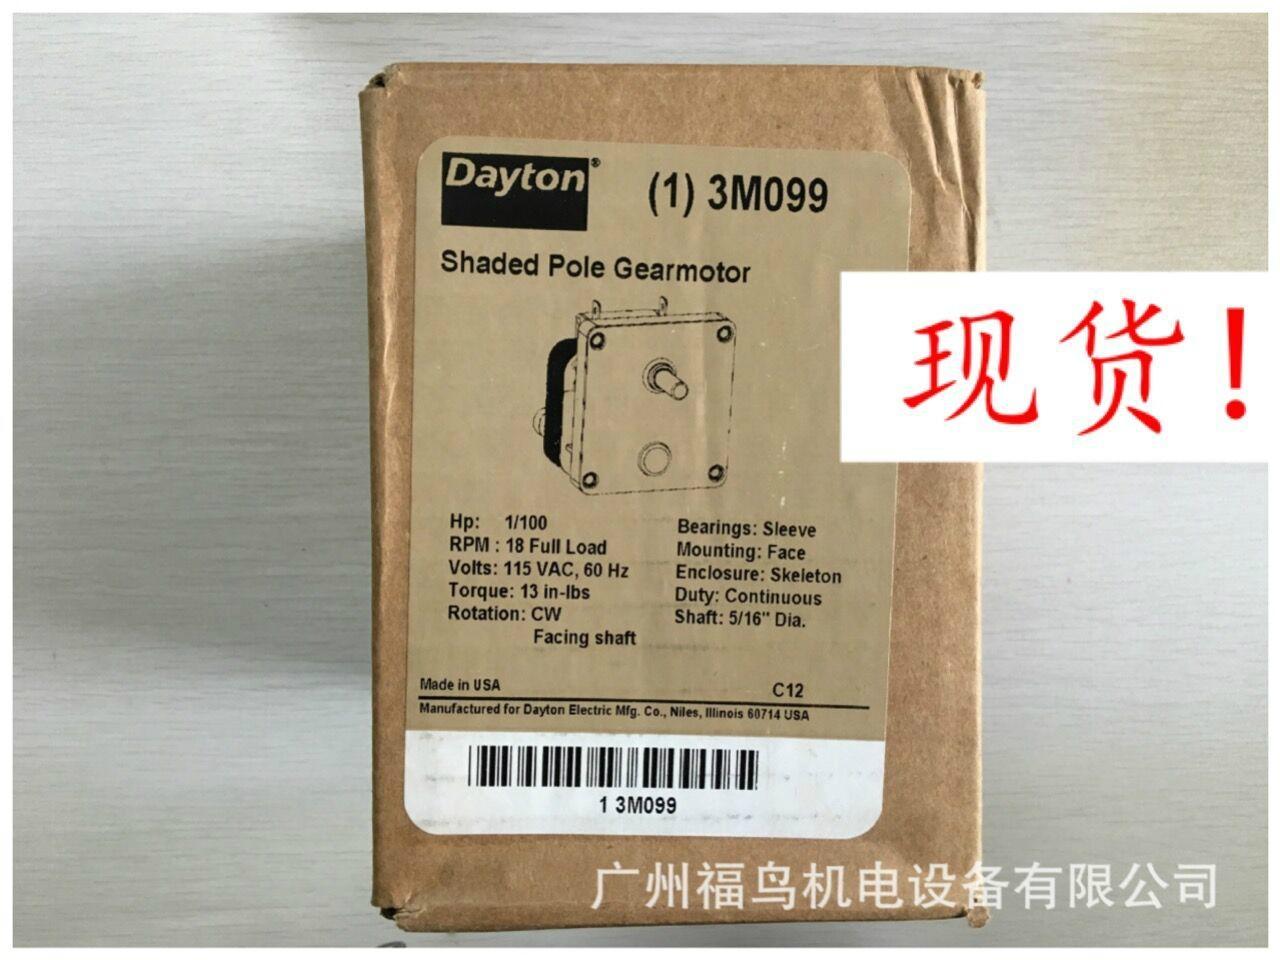 DAYTON电机, 马达,  型号: 3M099